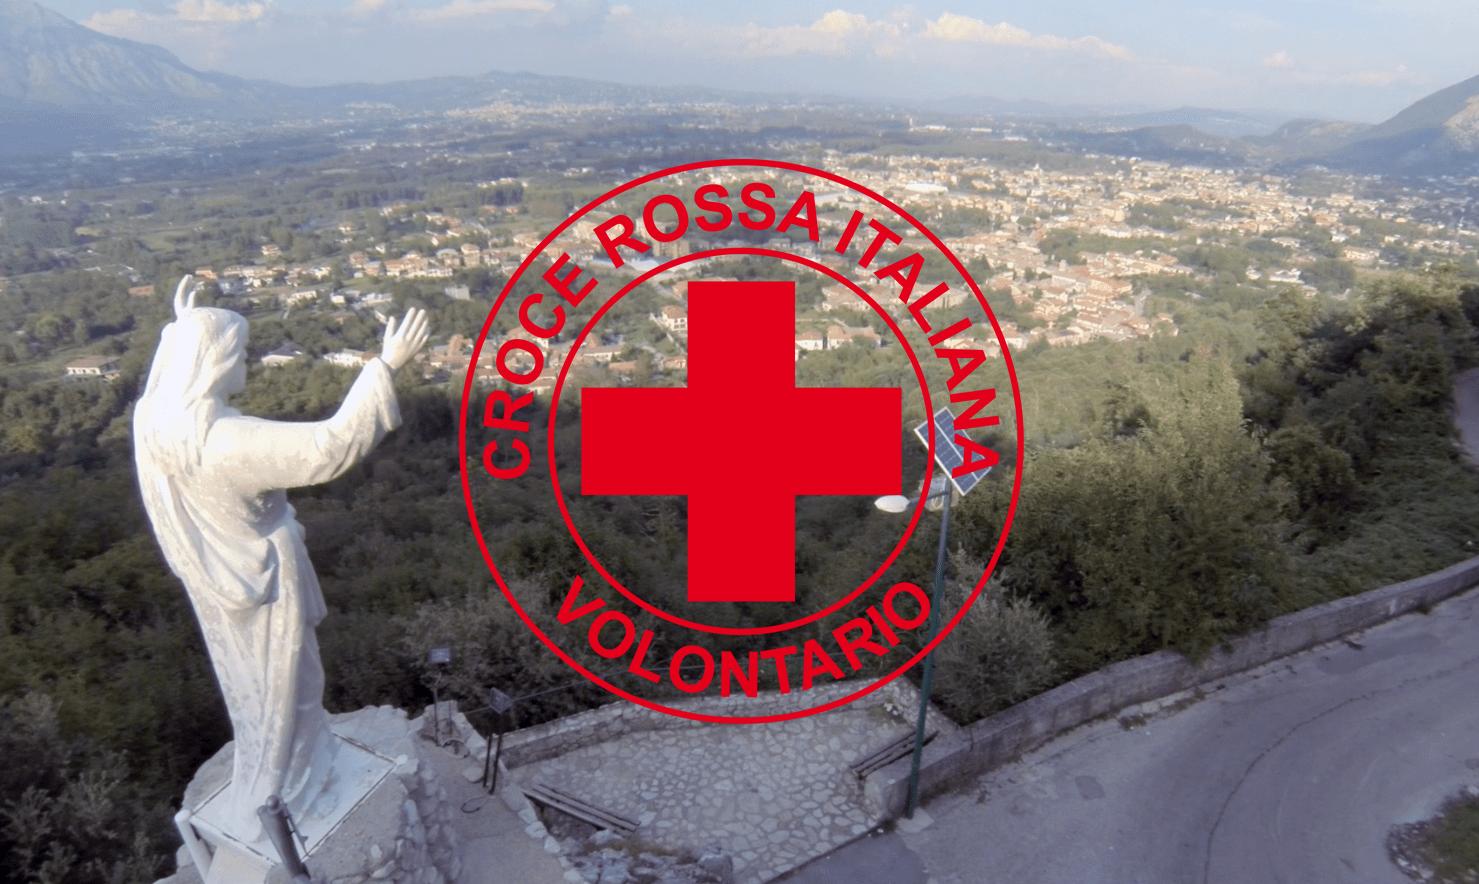 Cervinara. Croce Rossa: i volontari a disposizione di tutta la cittadinanza.